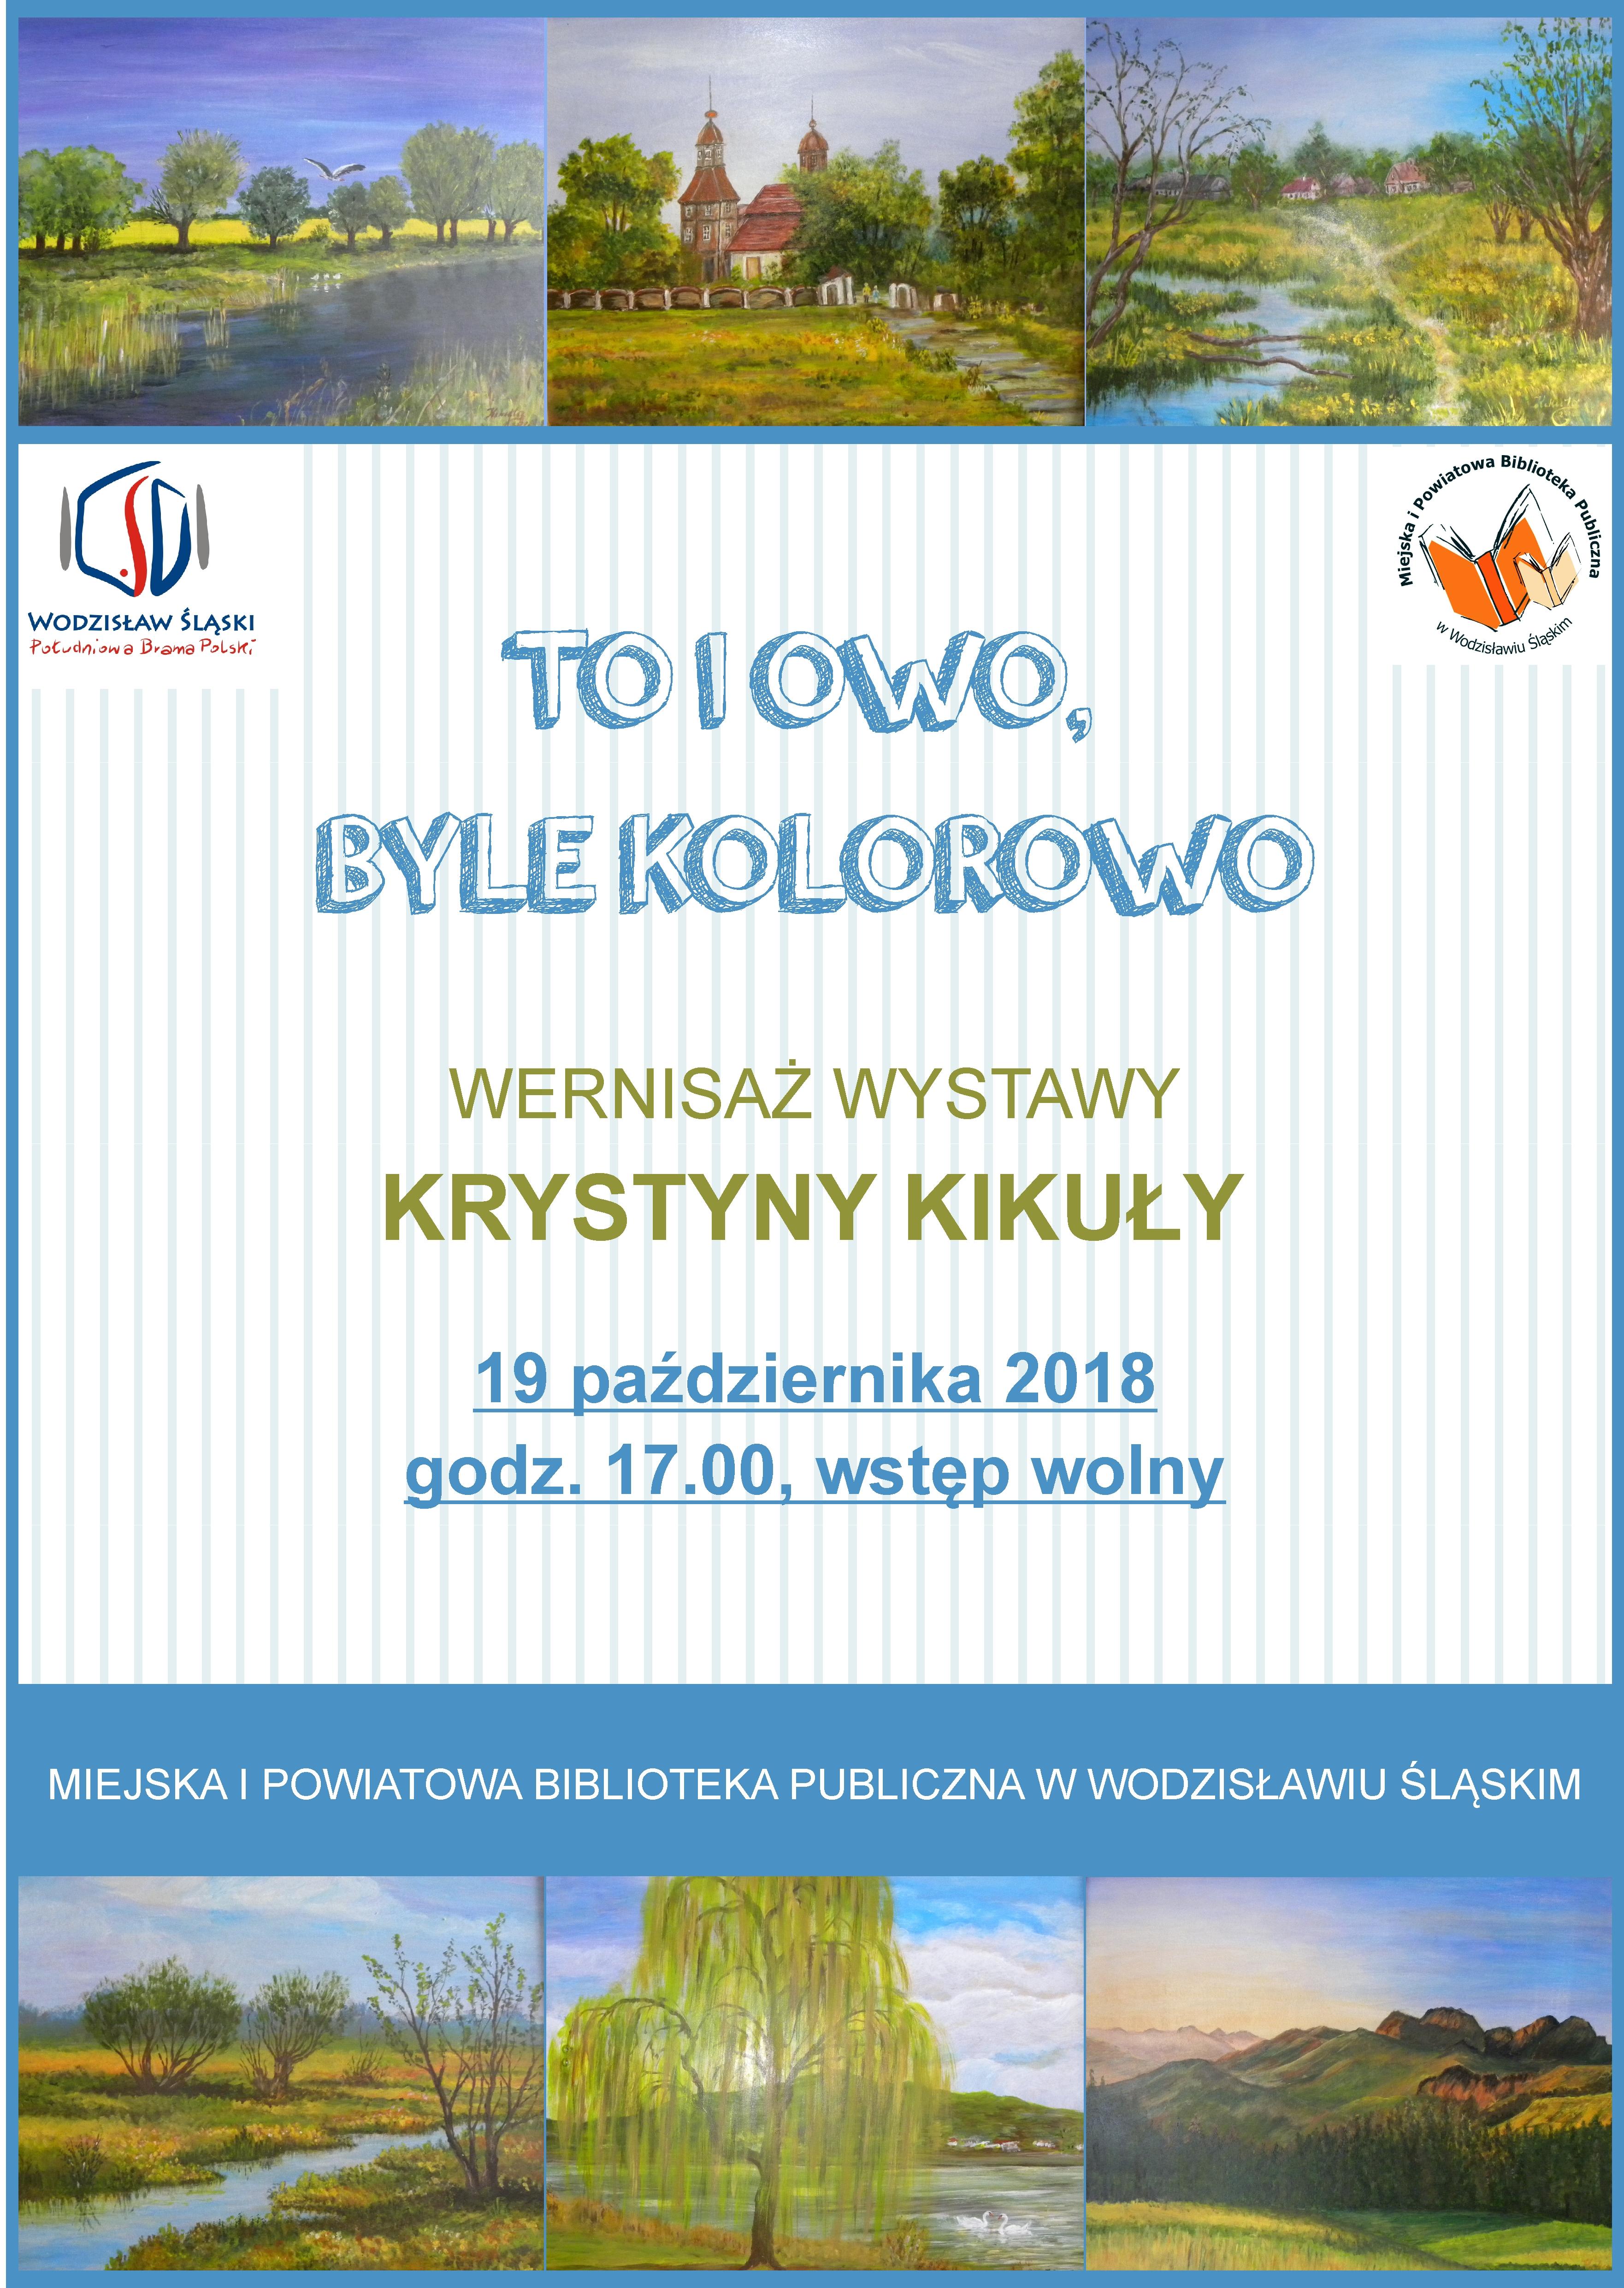 WERNISAŻ WYSTAWY KRYSTYNY KIKUŁY – 19 Października 2018 Godz. 17.00